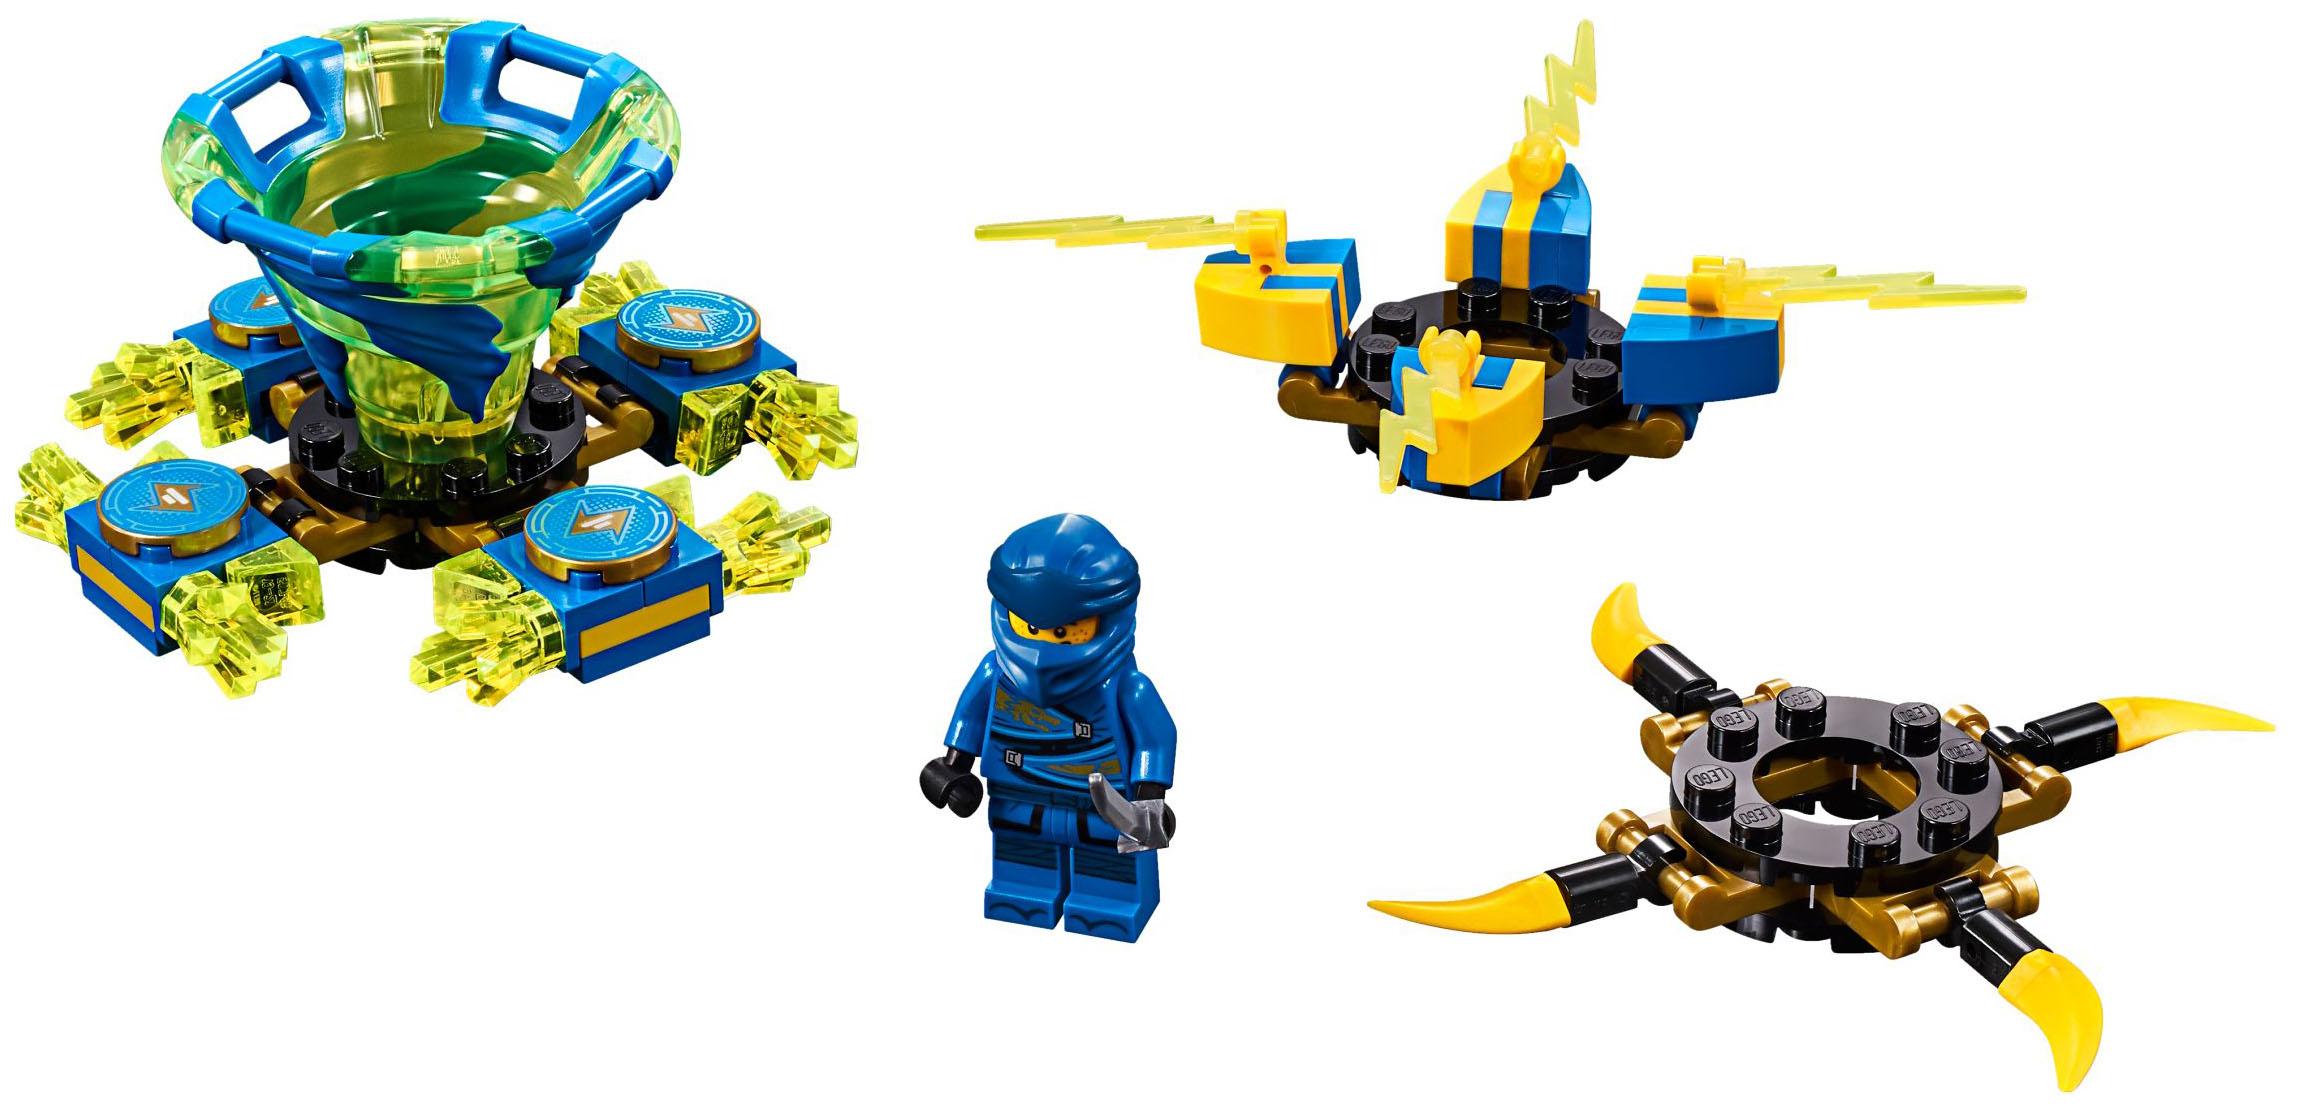 Конструктор LEGO Ninjago 70660 Джей: мастер Кружитцу фото